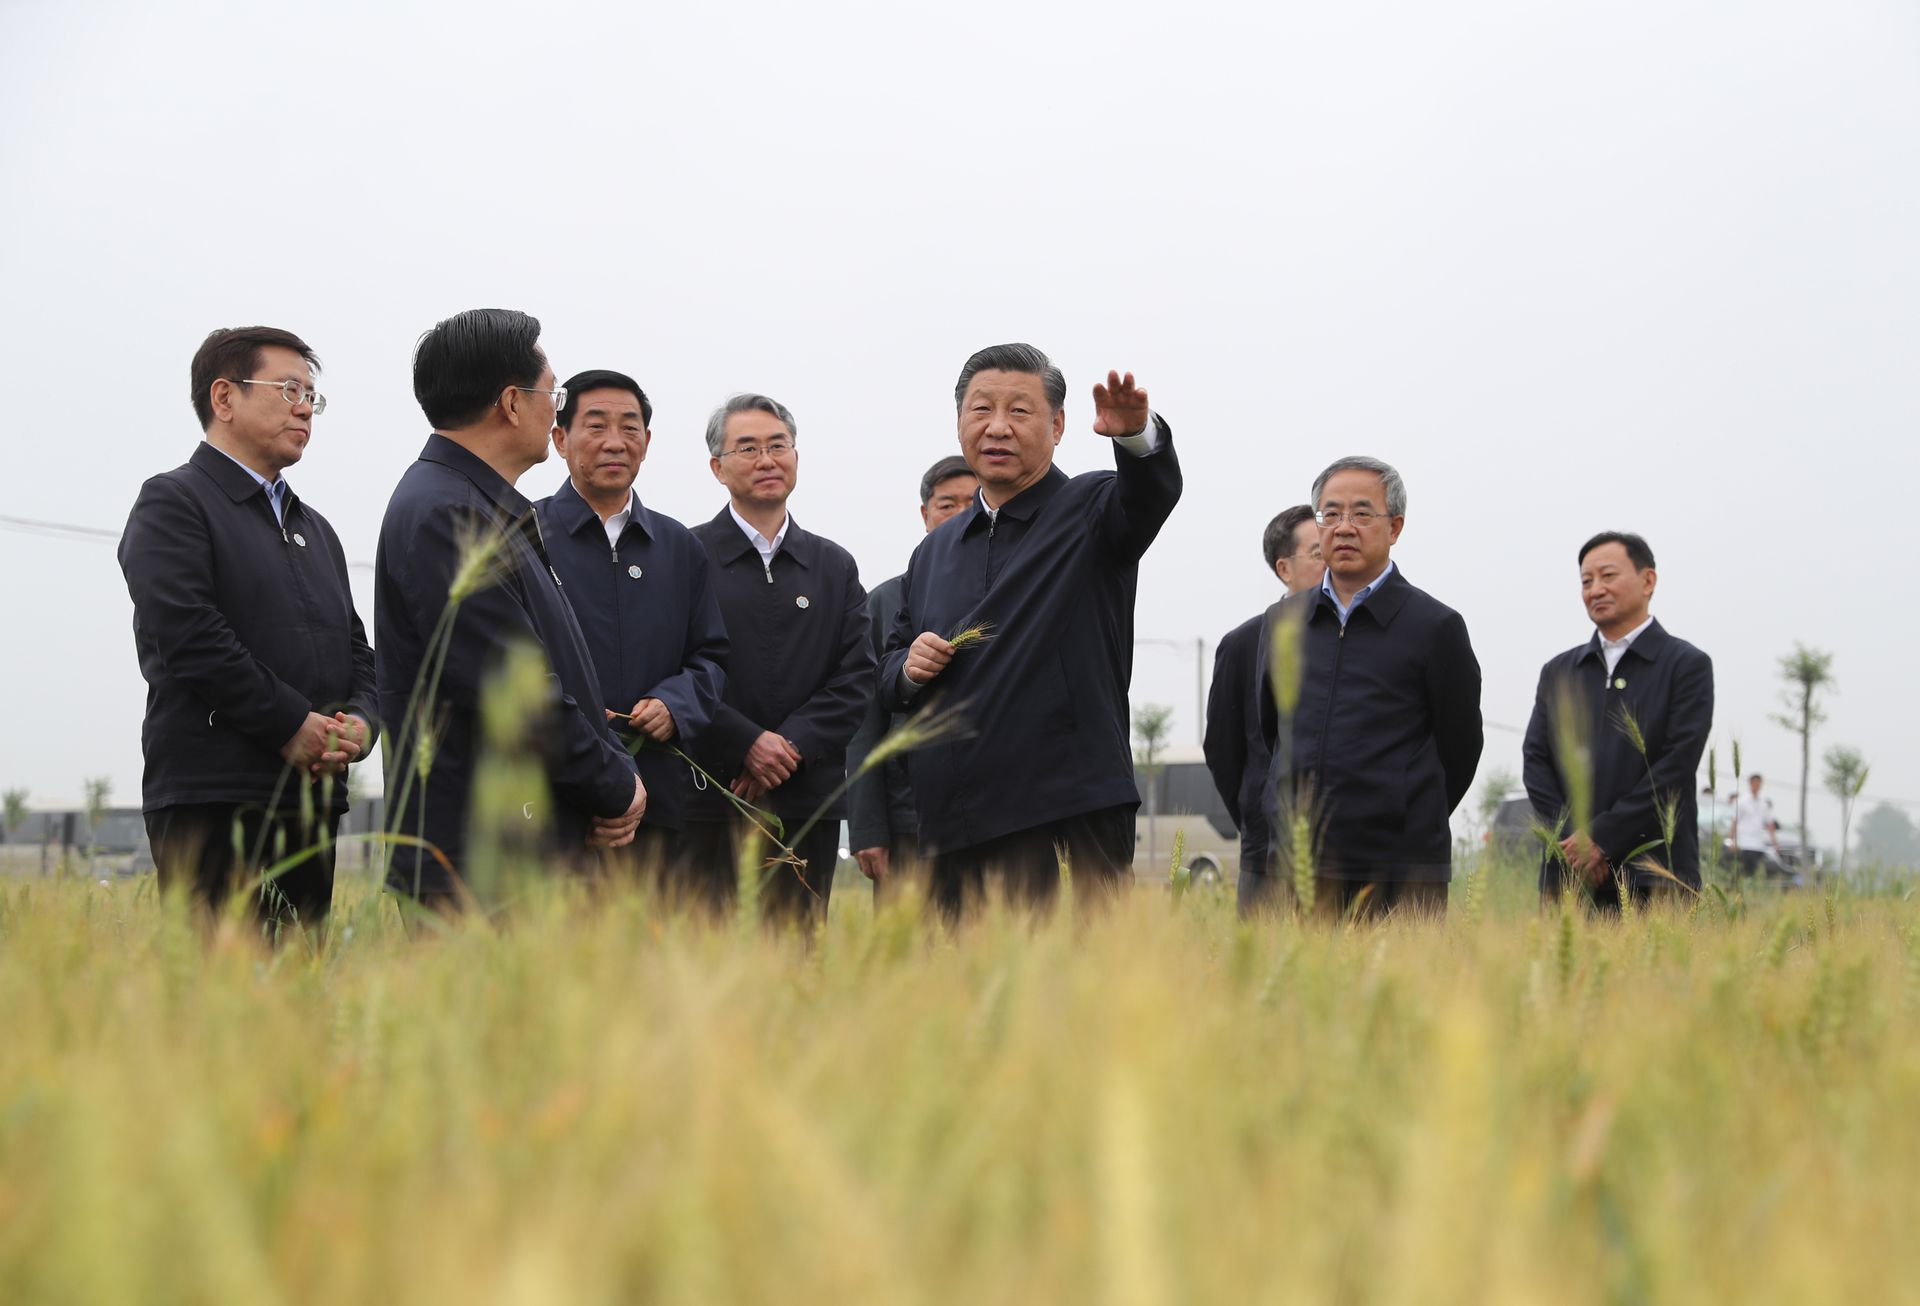 中共二十大布局:胡春华的传言与其未来走向